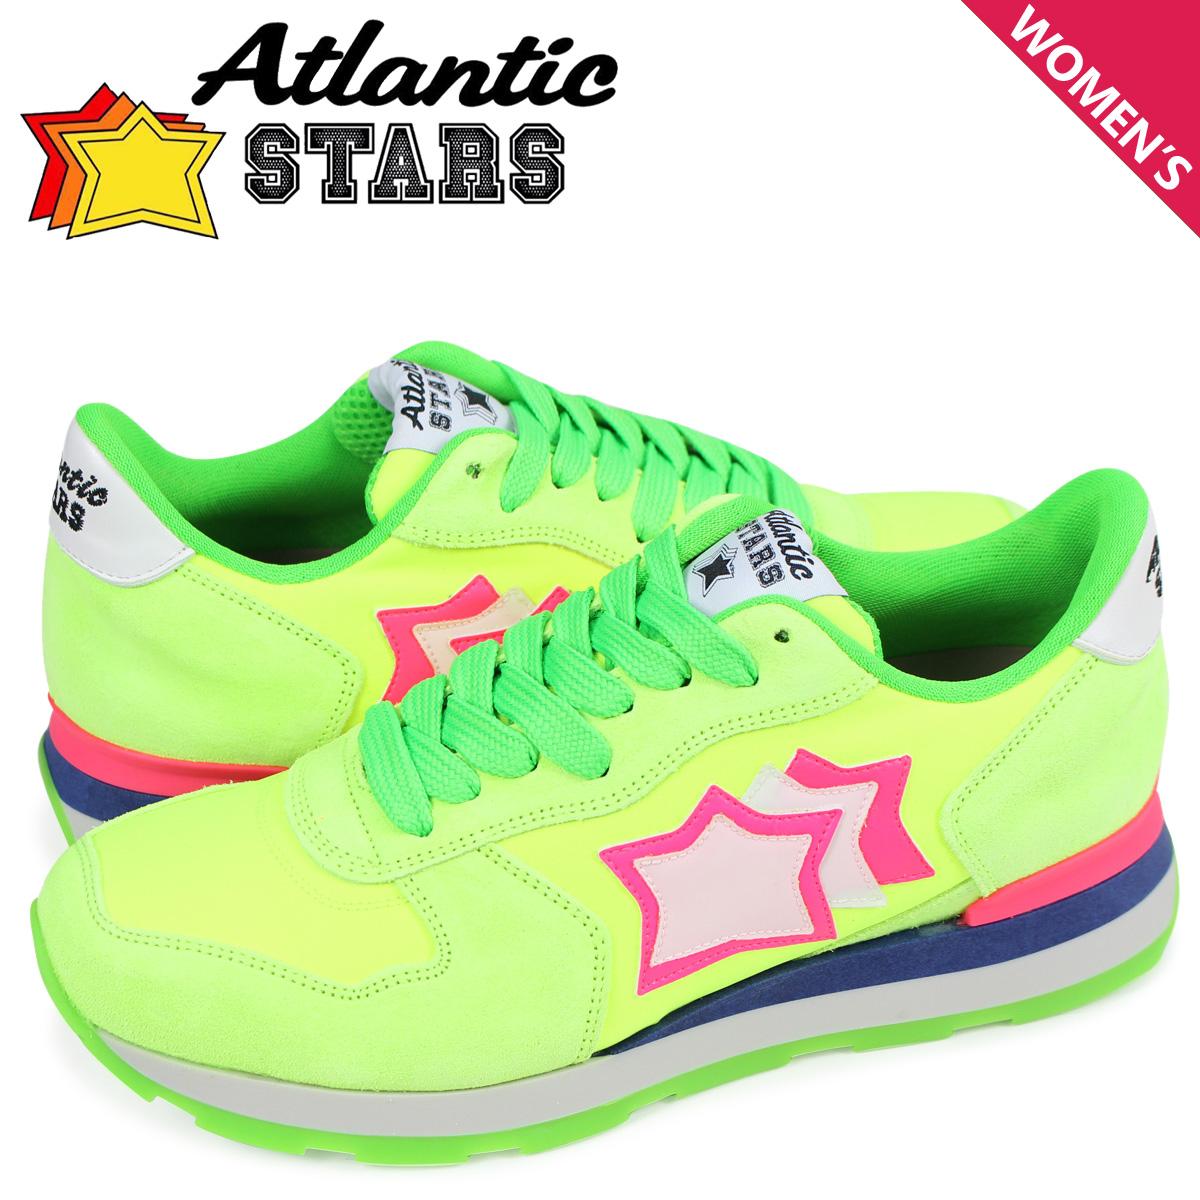 アトランティックスターズ レディース スニーカー Atlantic STARS ベガ VEGA UVS-87FF グリーン